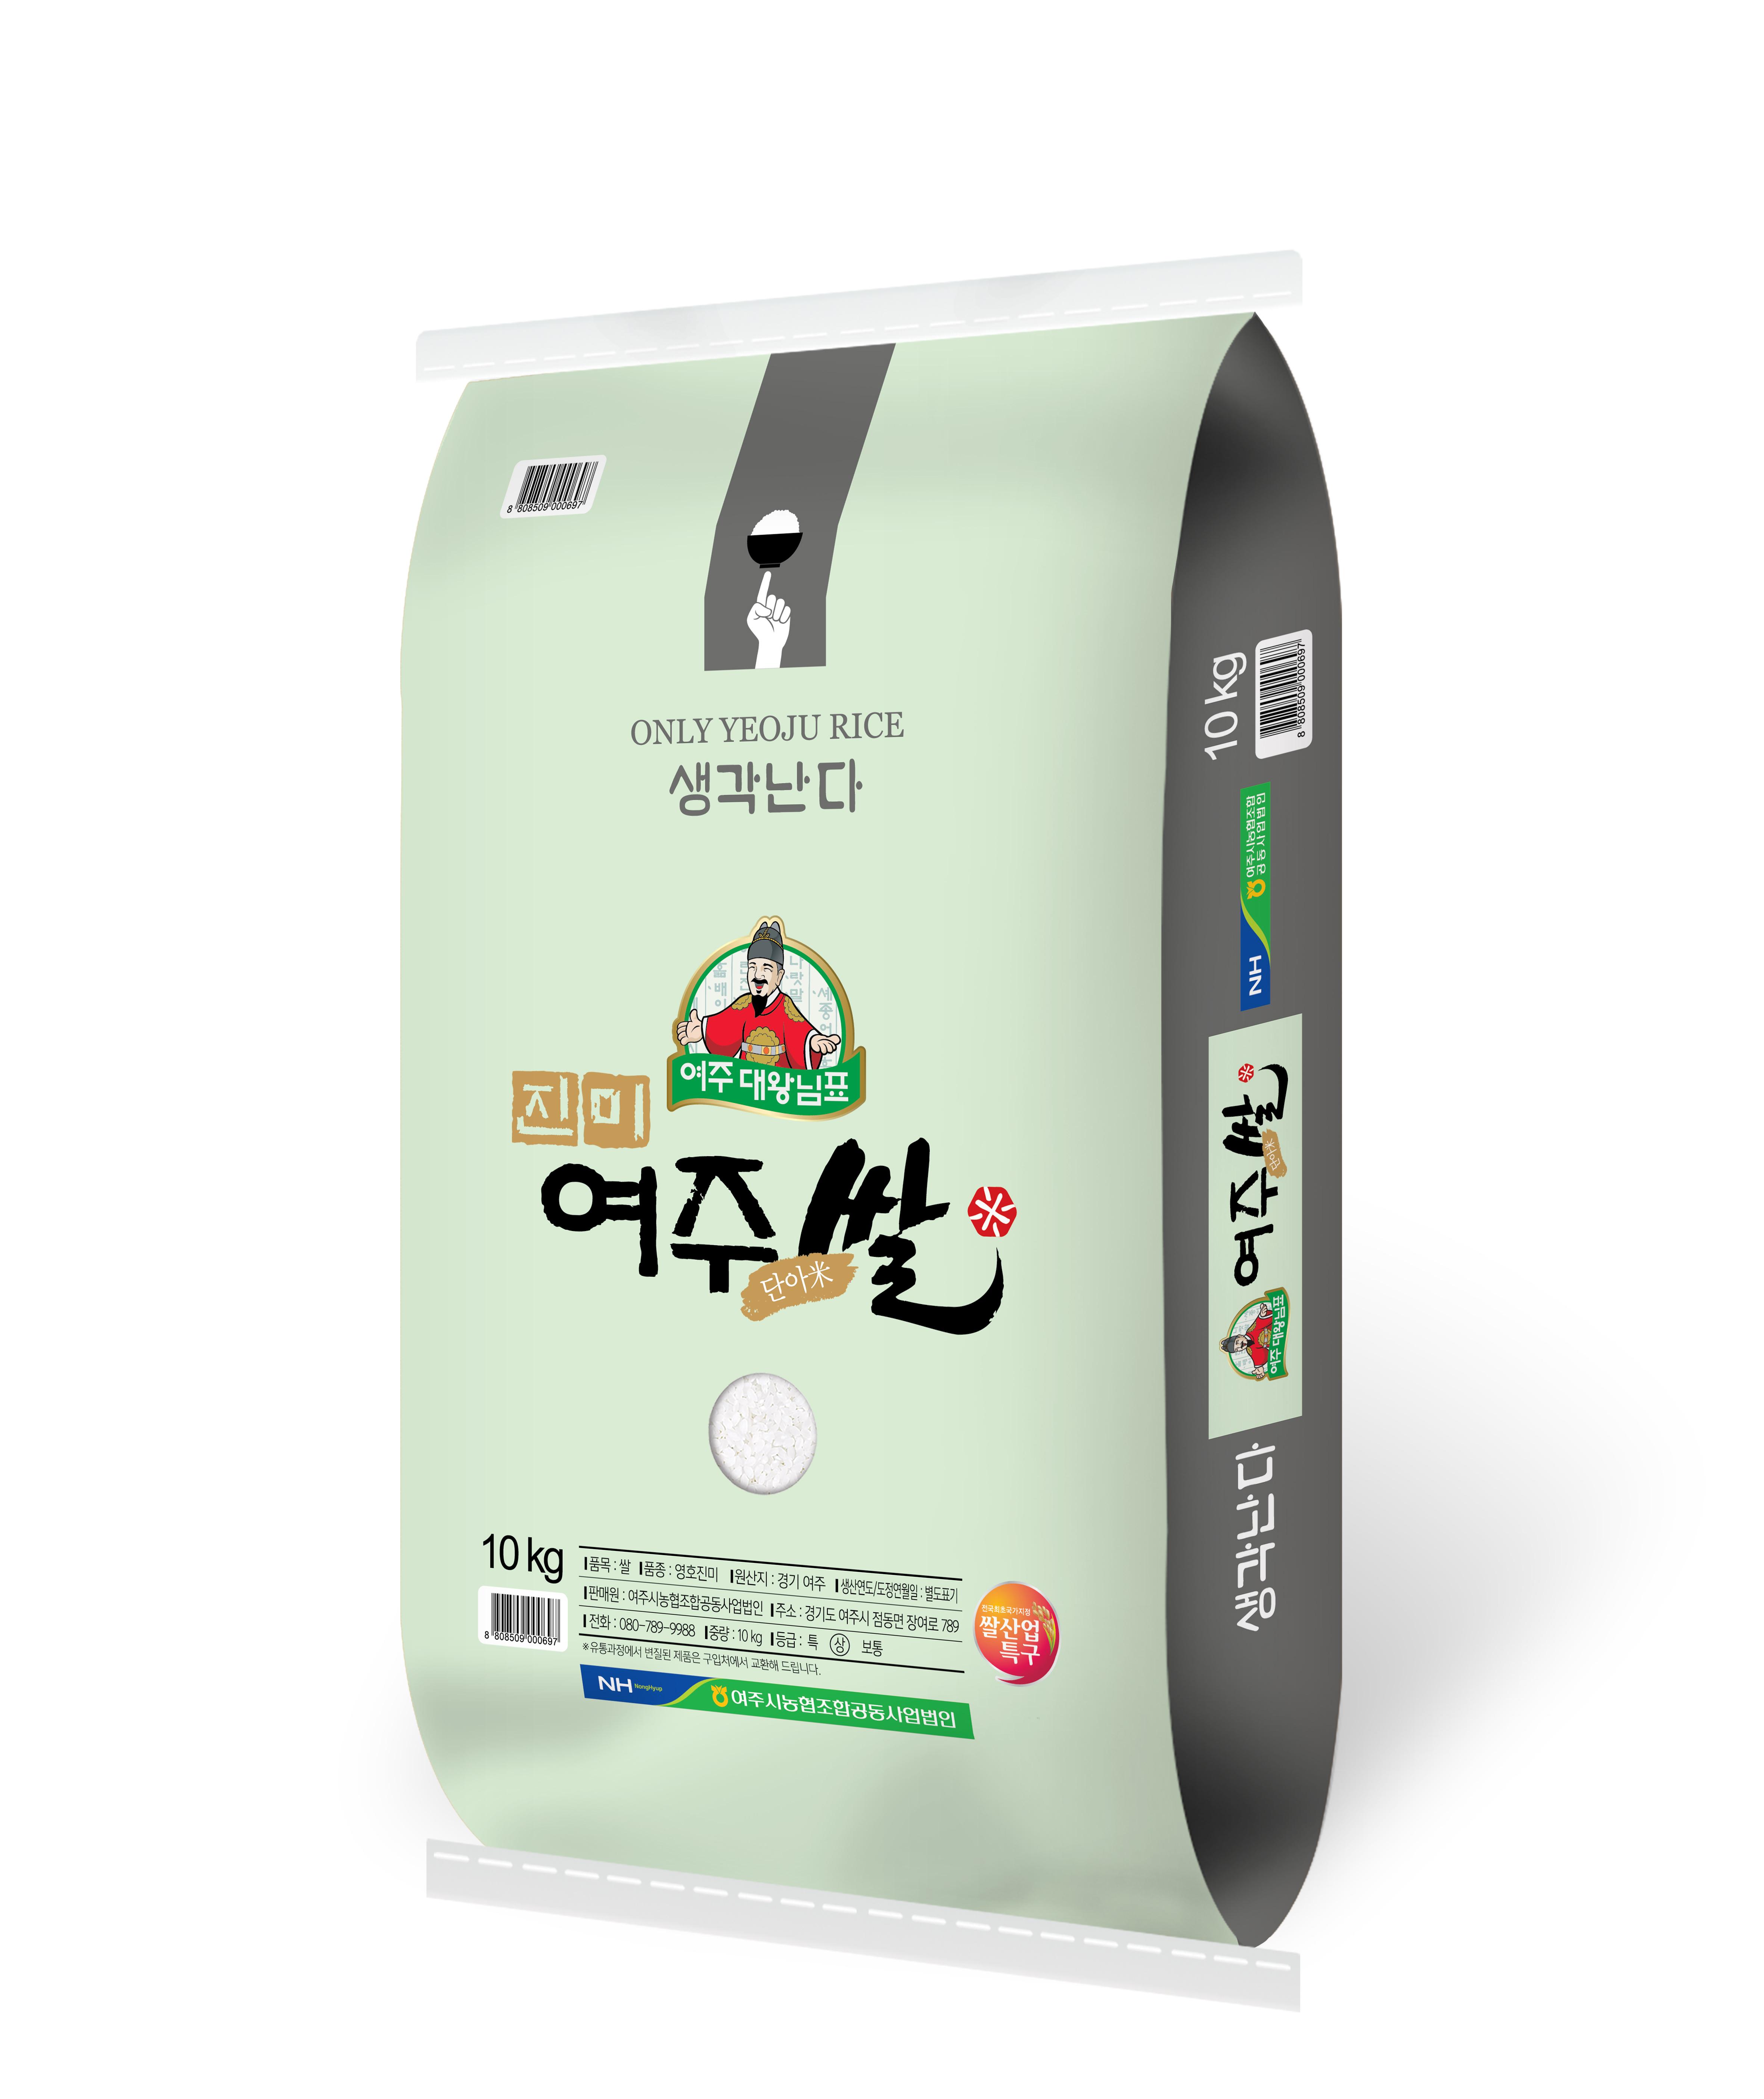 대왕님표 2020년 여주쌀, 10kg, 1개